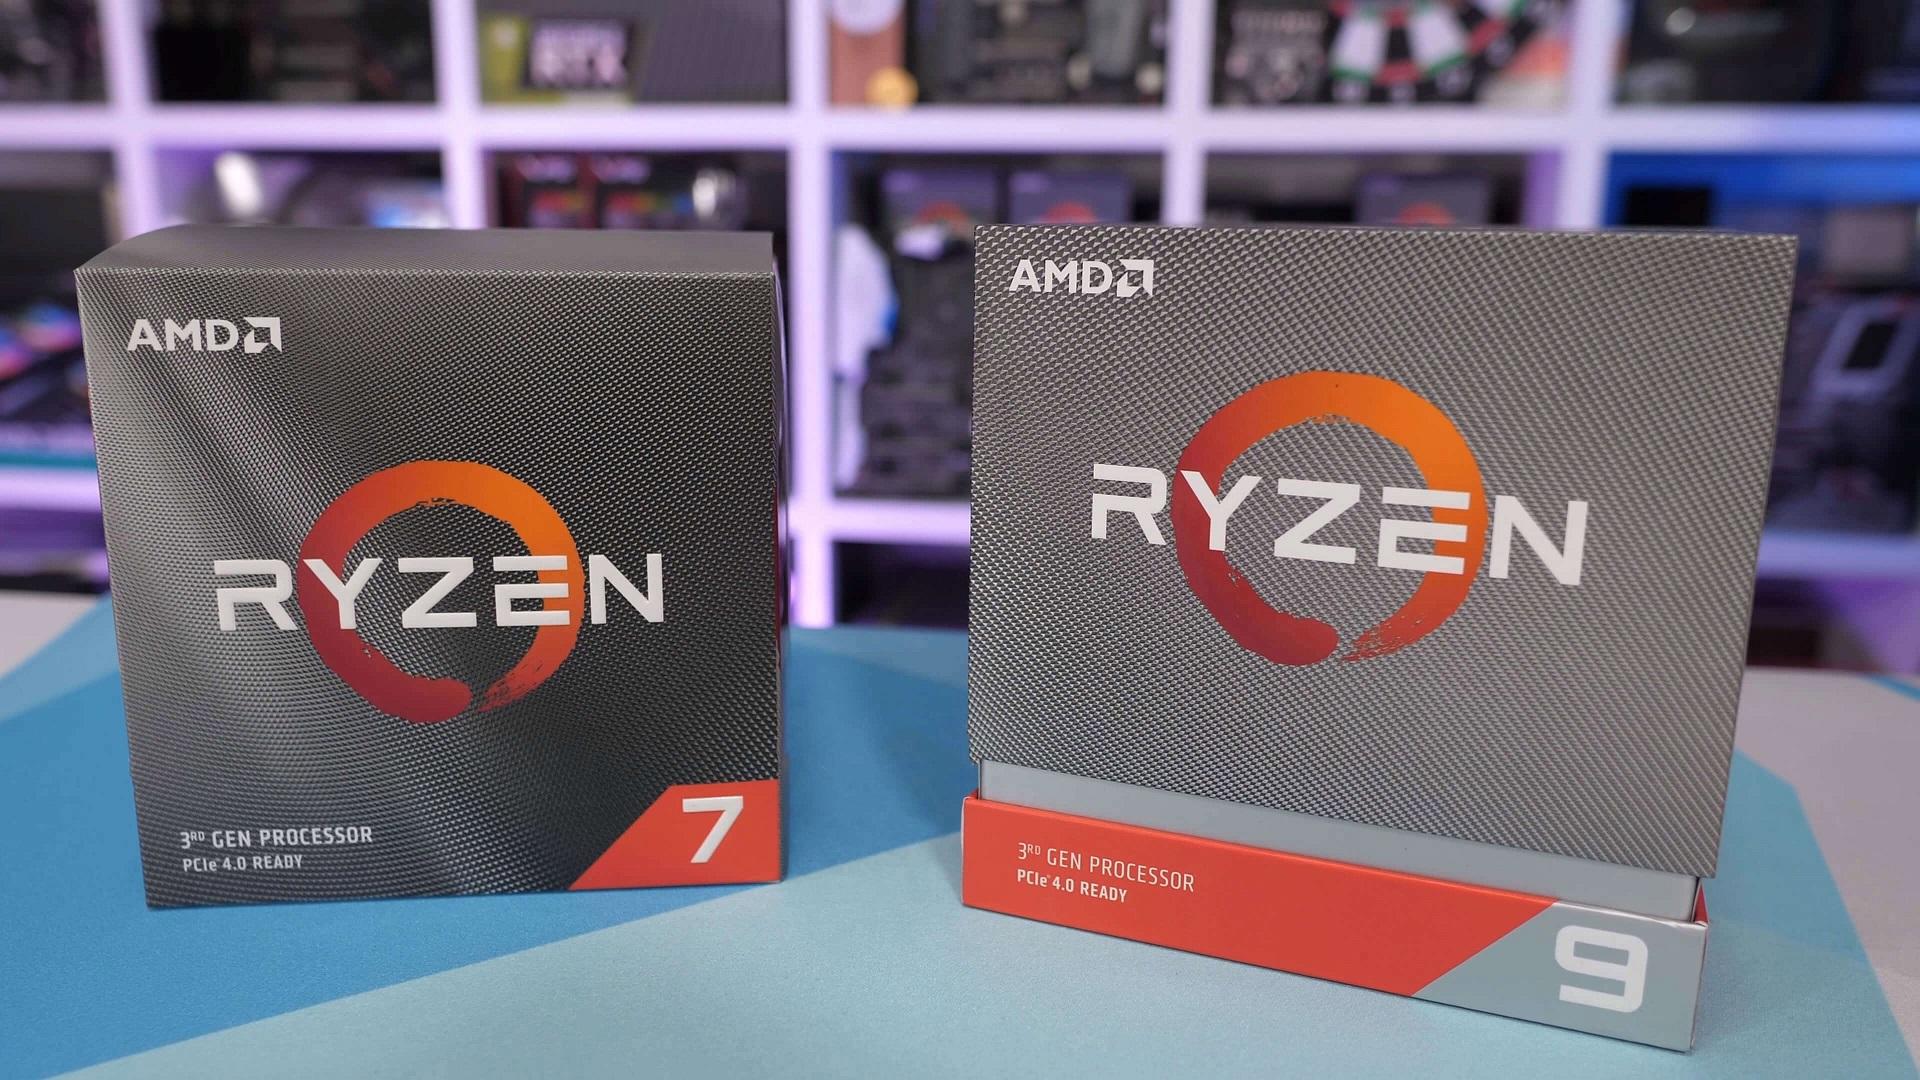 AMD Ryzen TSMC